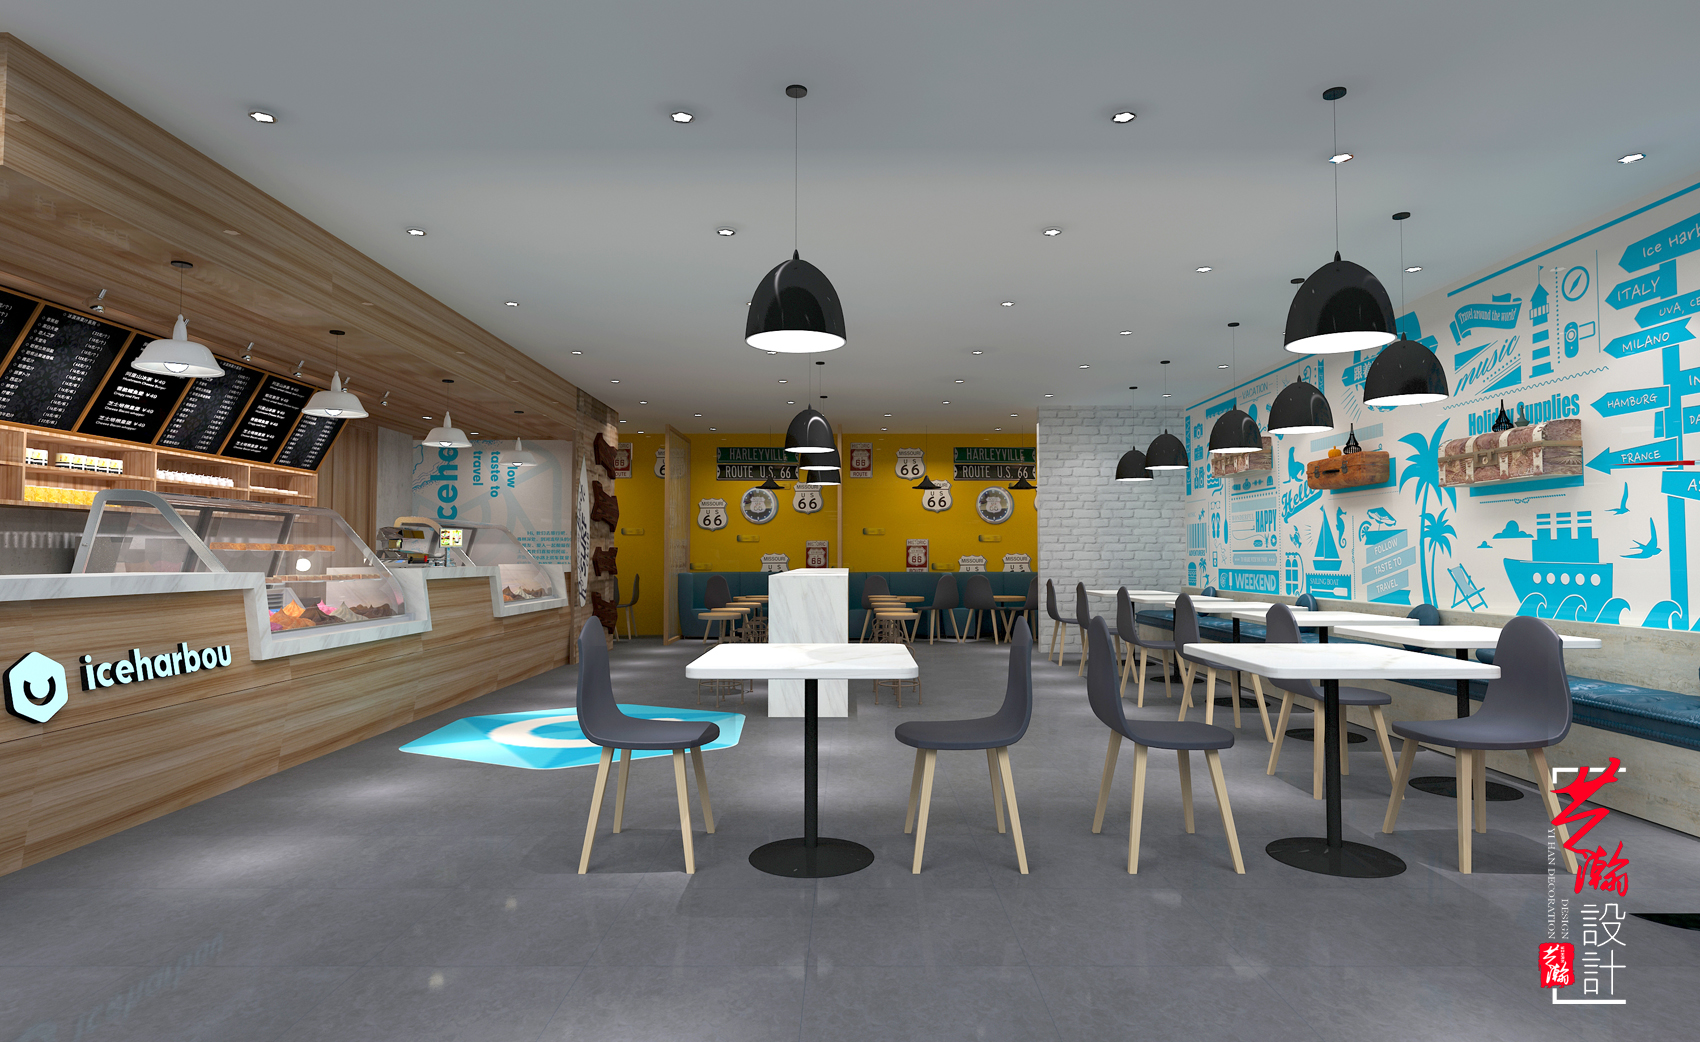 店面设计商业空间装修设计效果图购物空间设计服装店餐饮店面包店